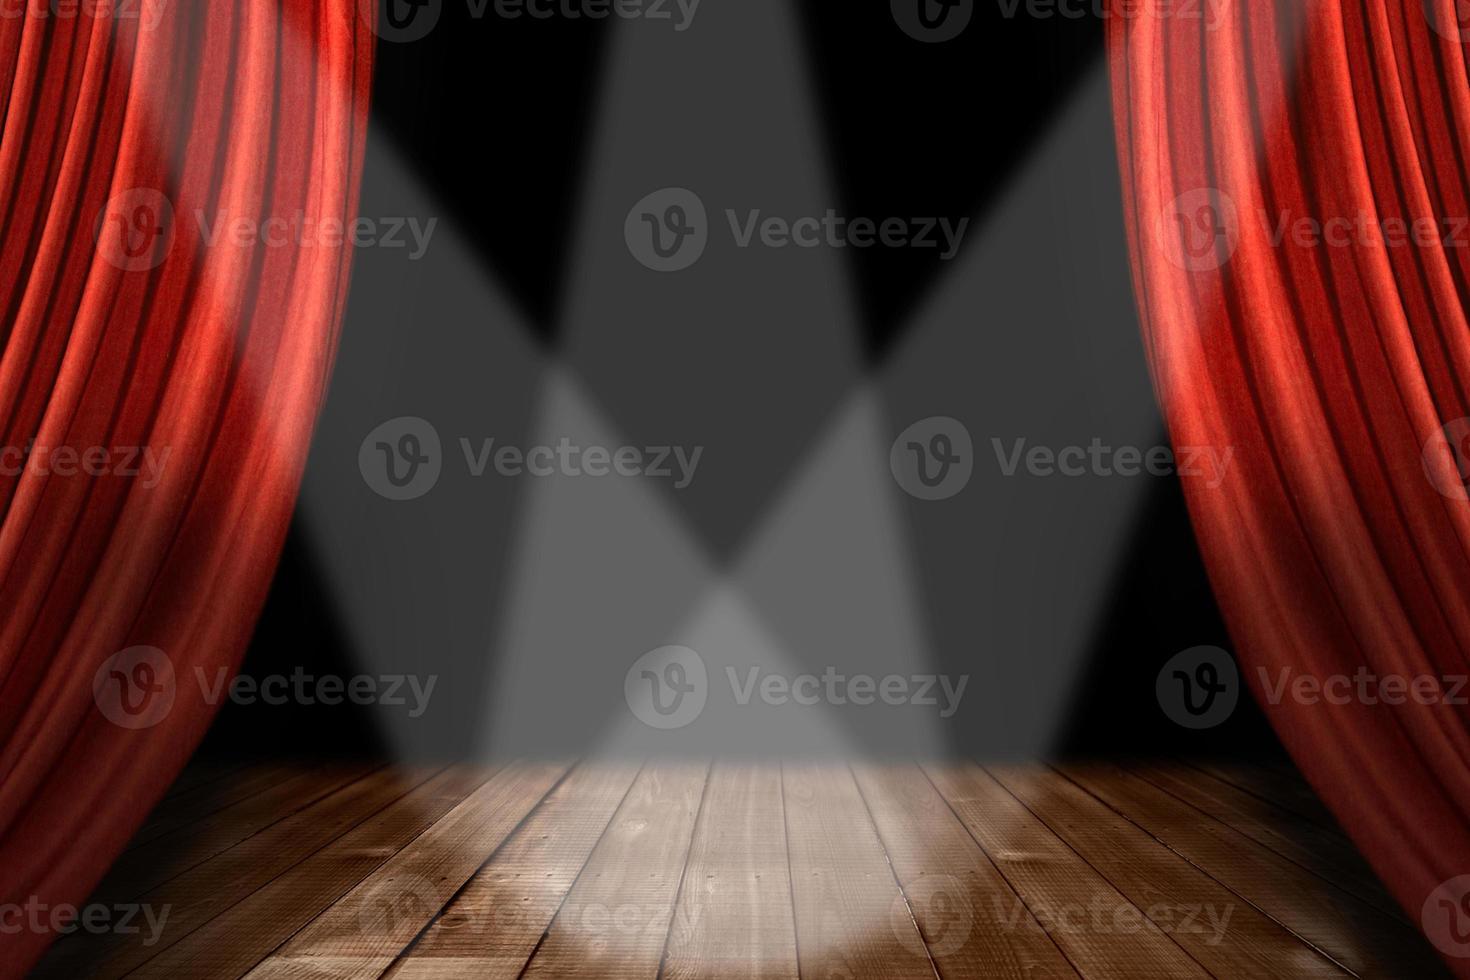 Fondo de escenario de teatro rojo con 3 focos centrados foto